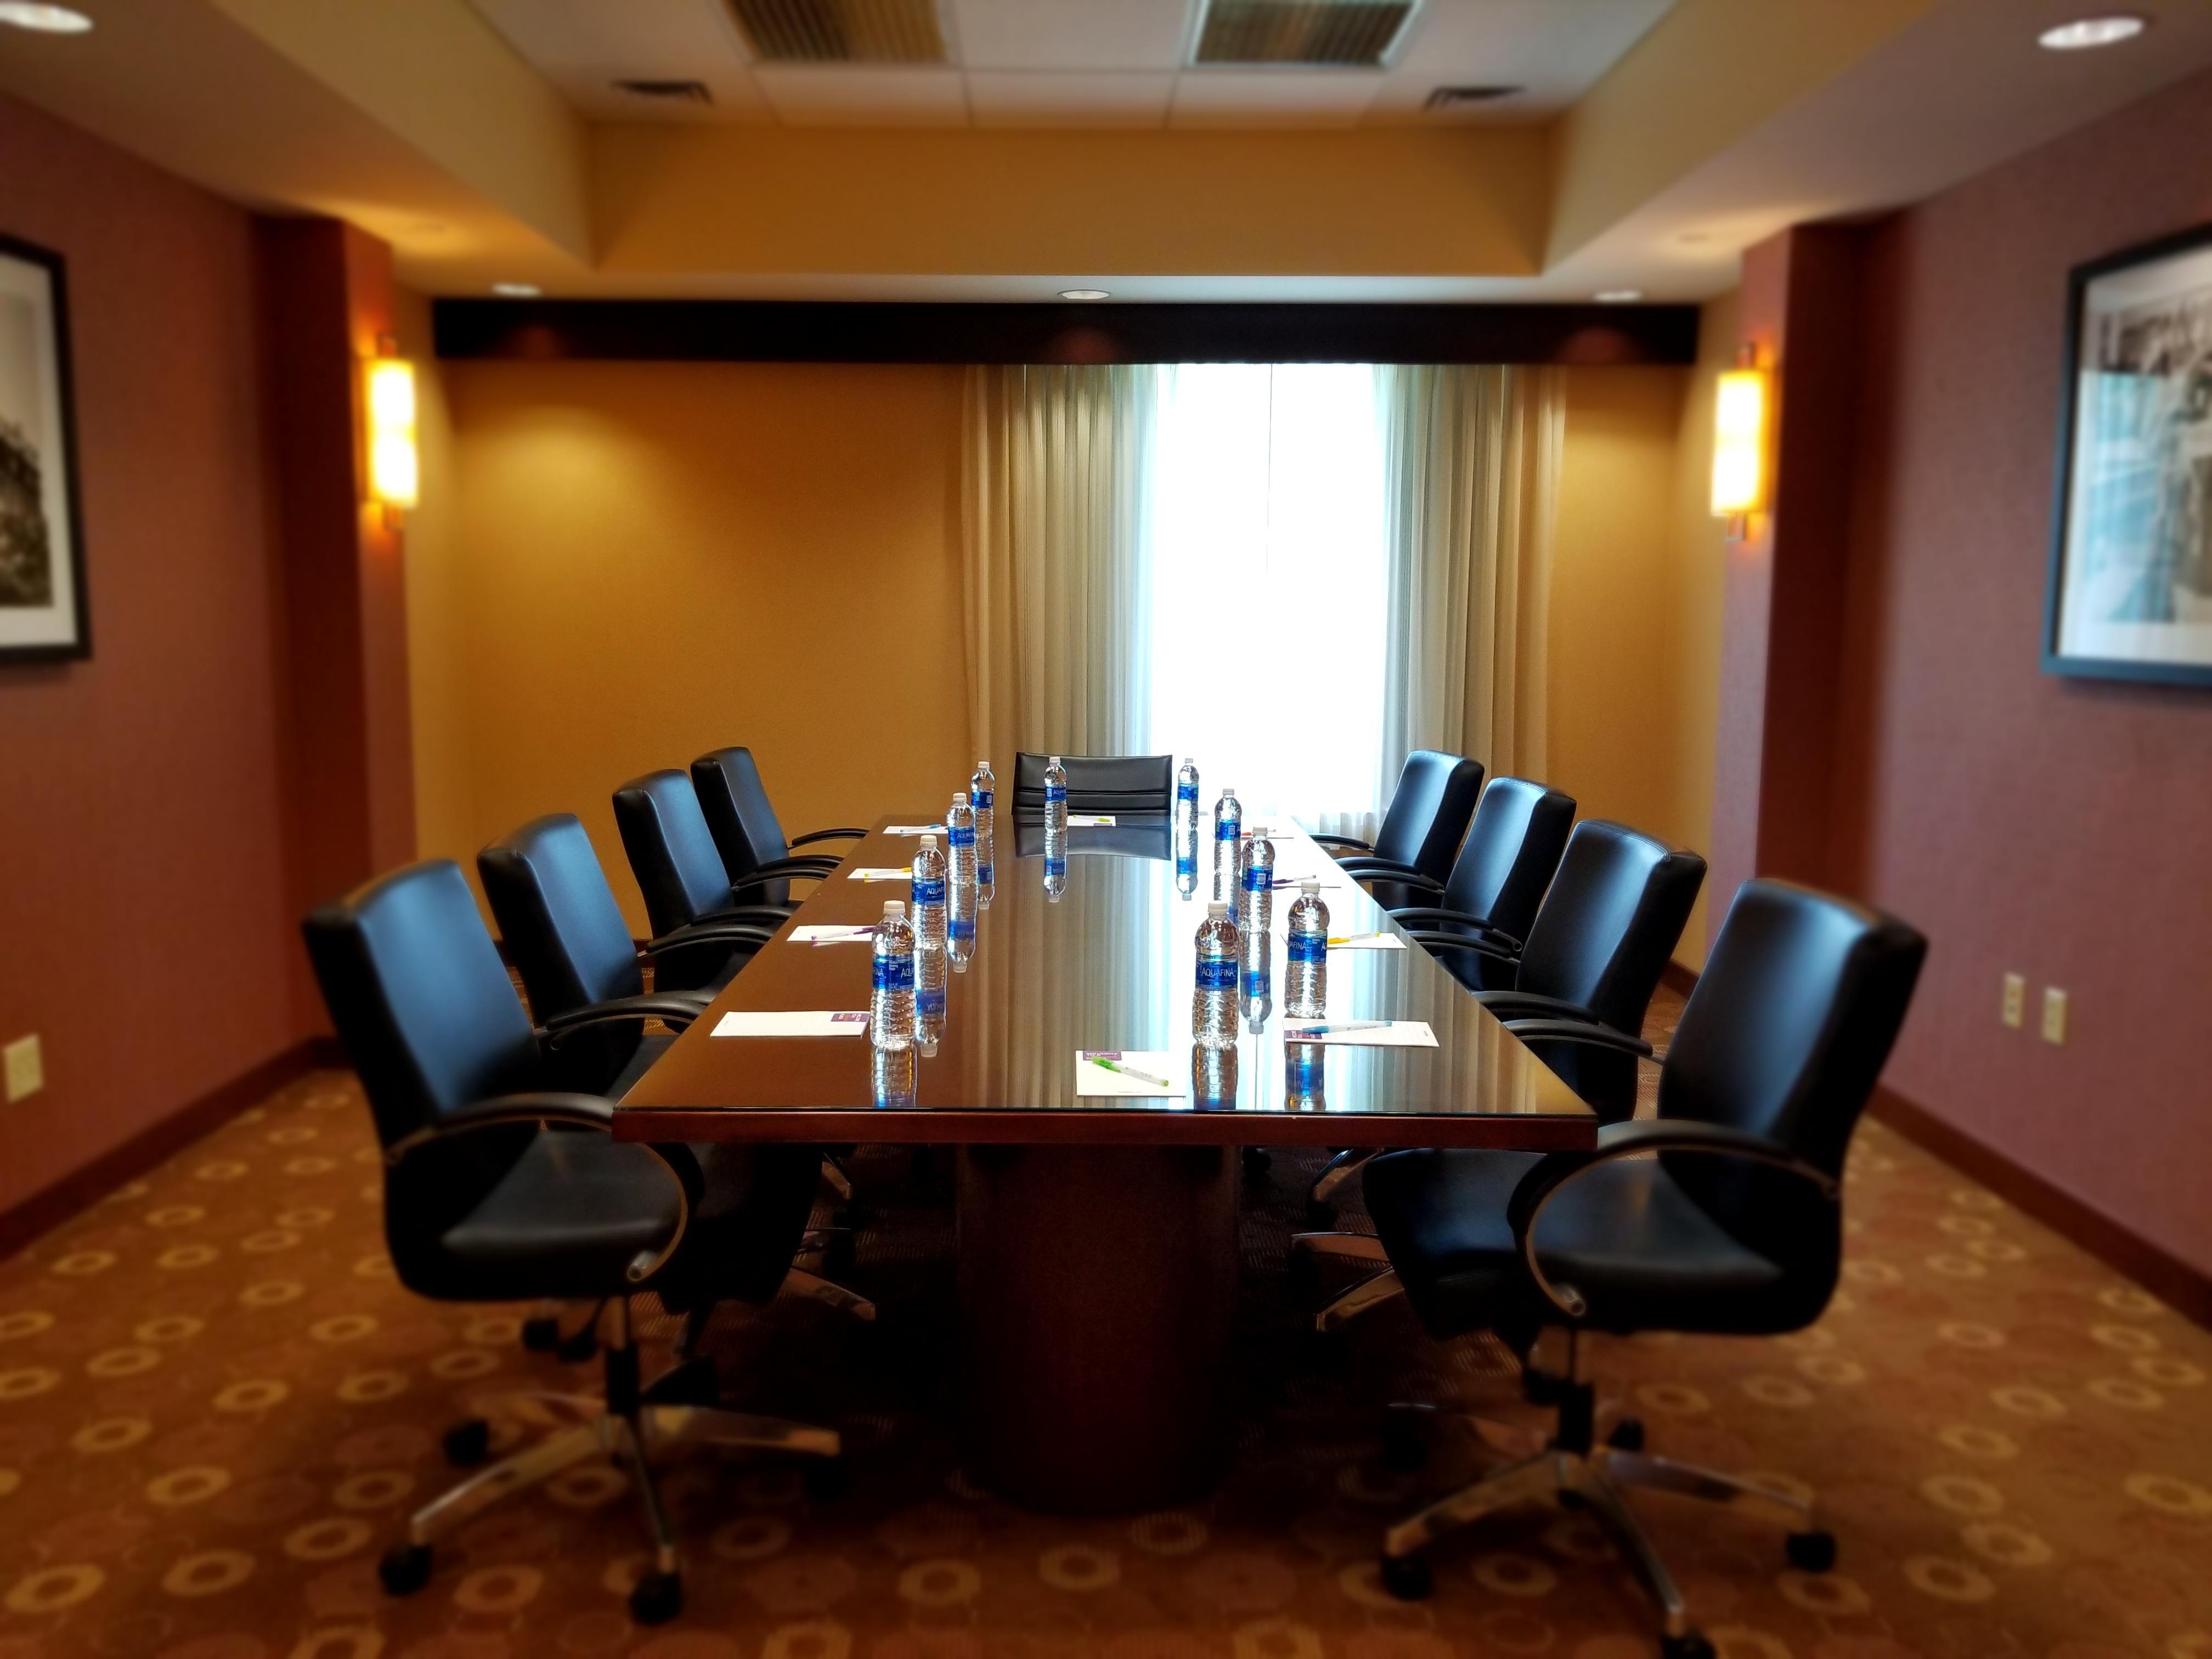 Hyatt Place Sugar Land - Boardroom